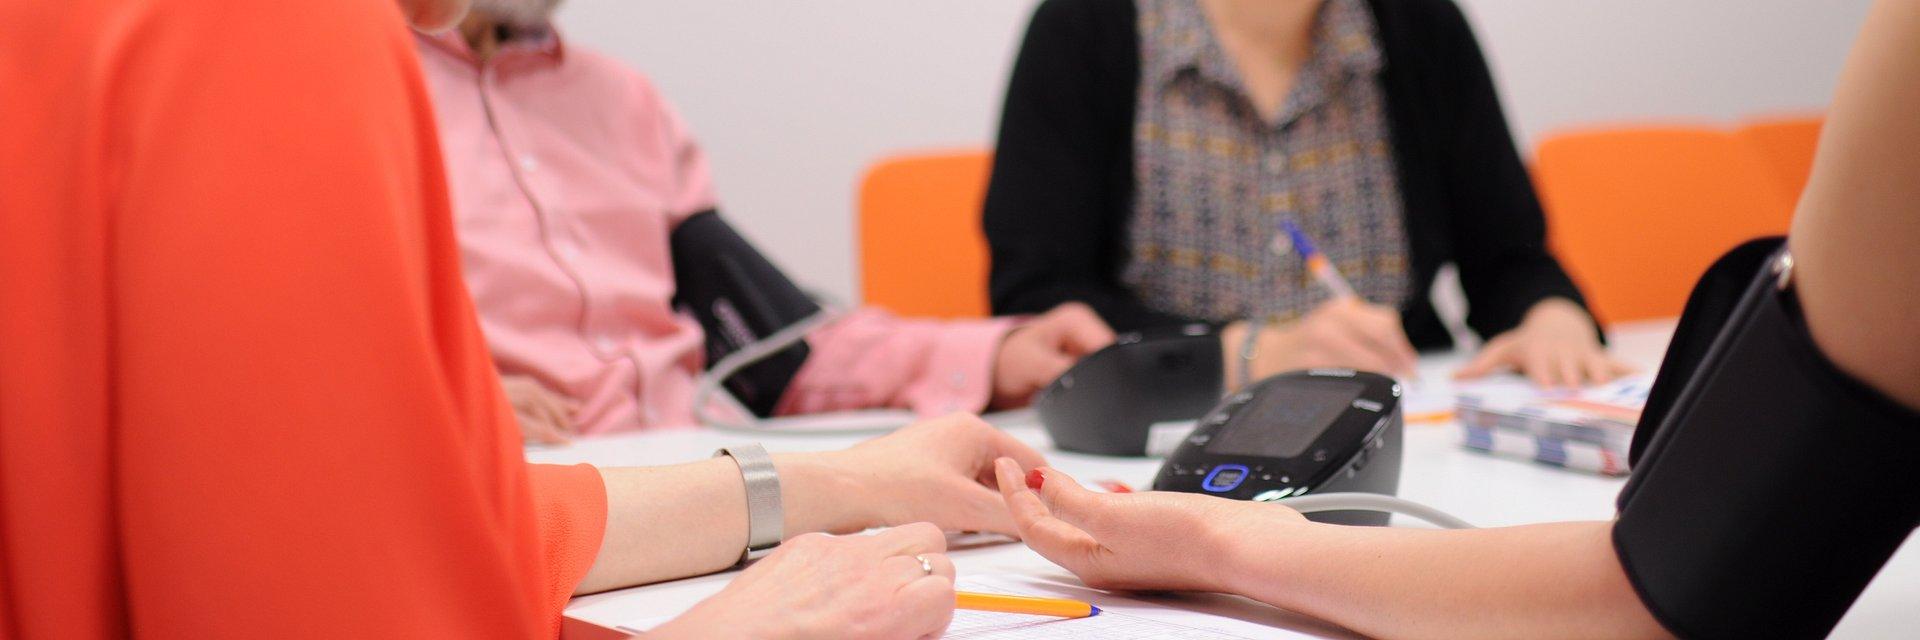 Już co trzecia osoba w Polsce w wieku 40-59 lat ma problemy z nadciśnieniem tętniczym